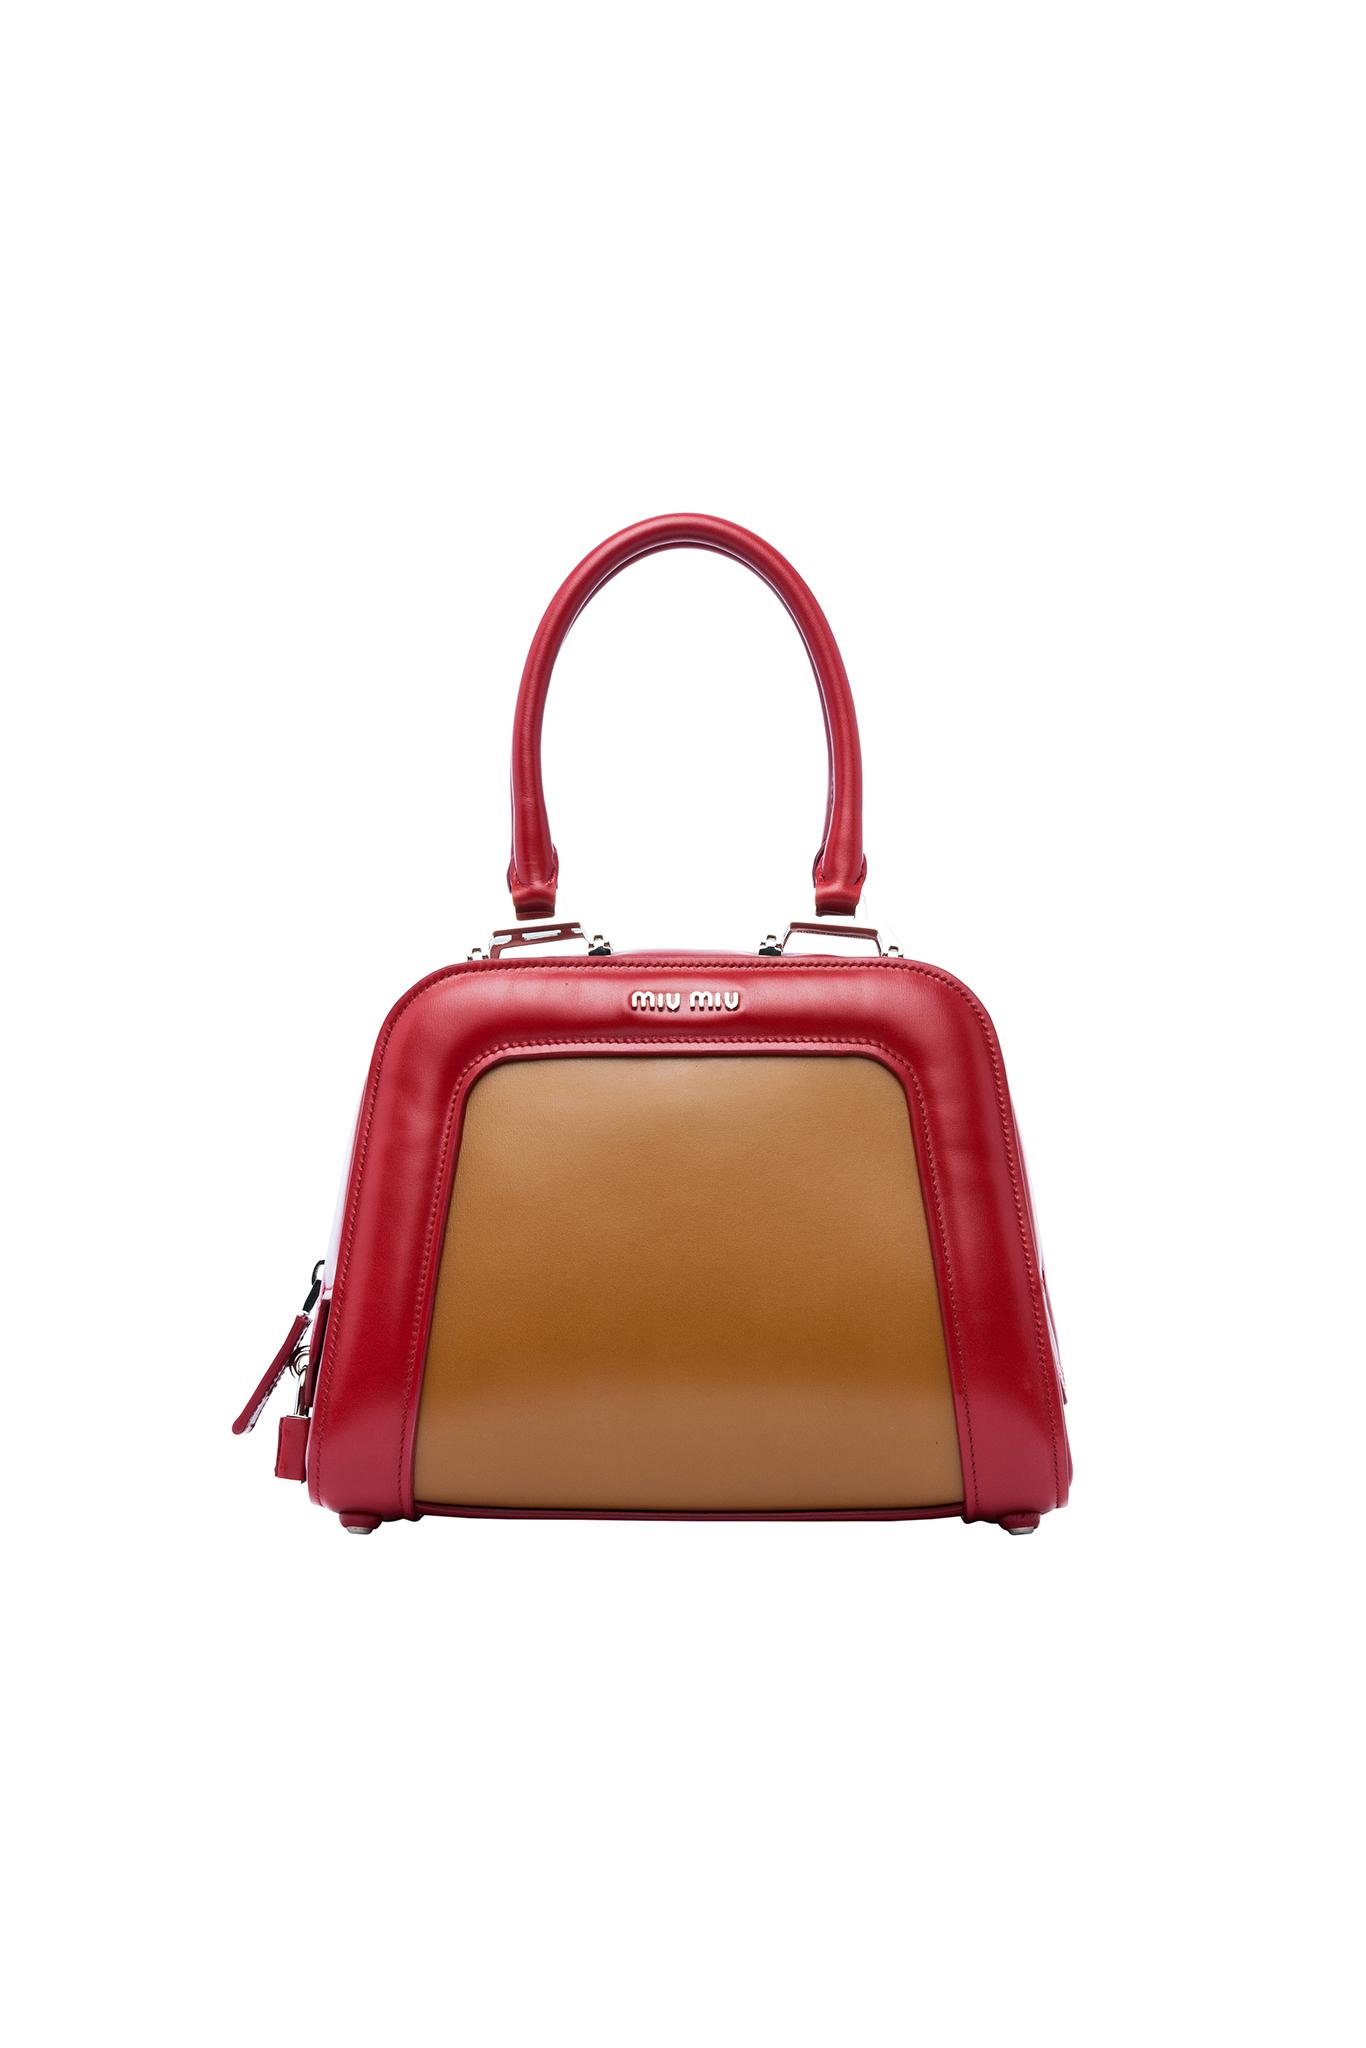 04-01-bags.jpg